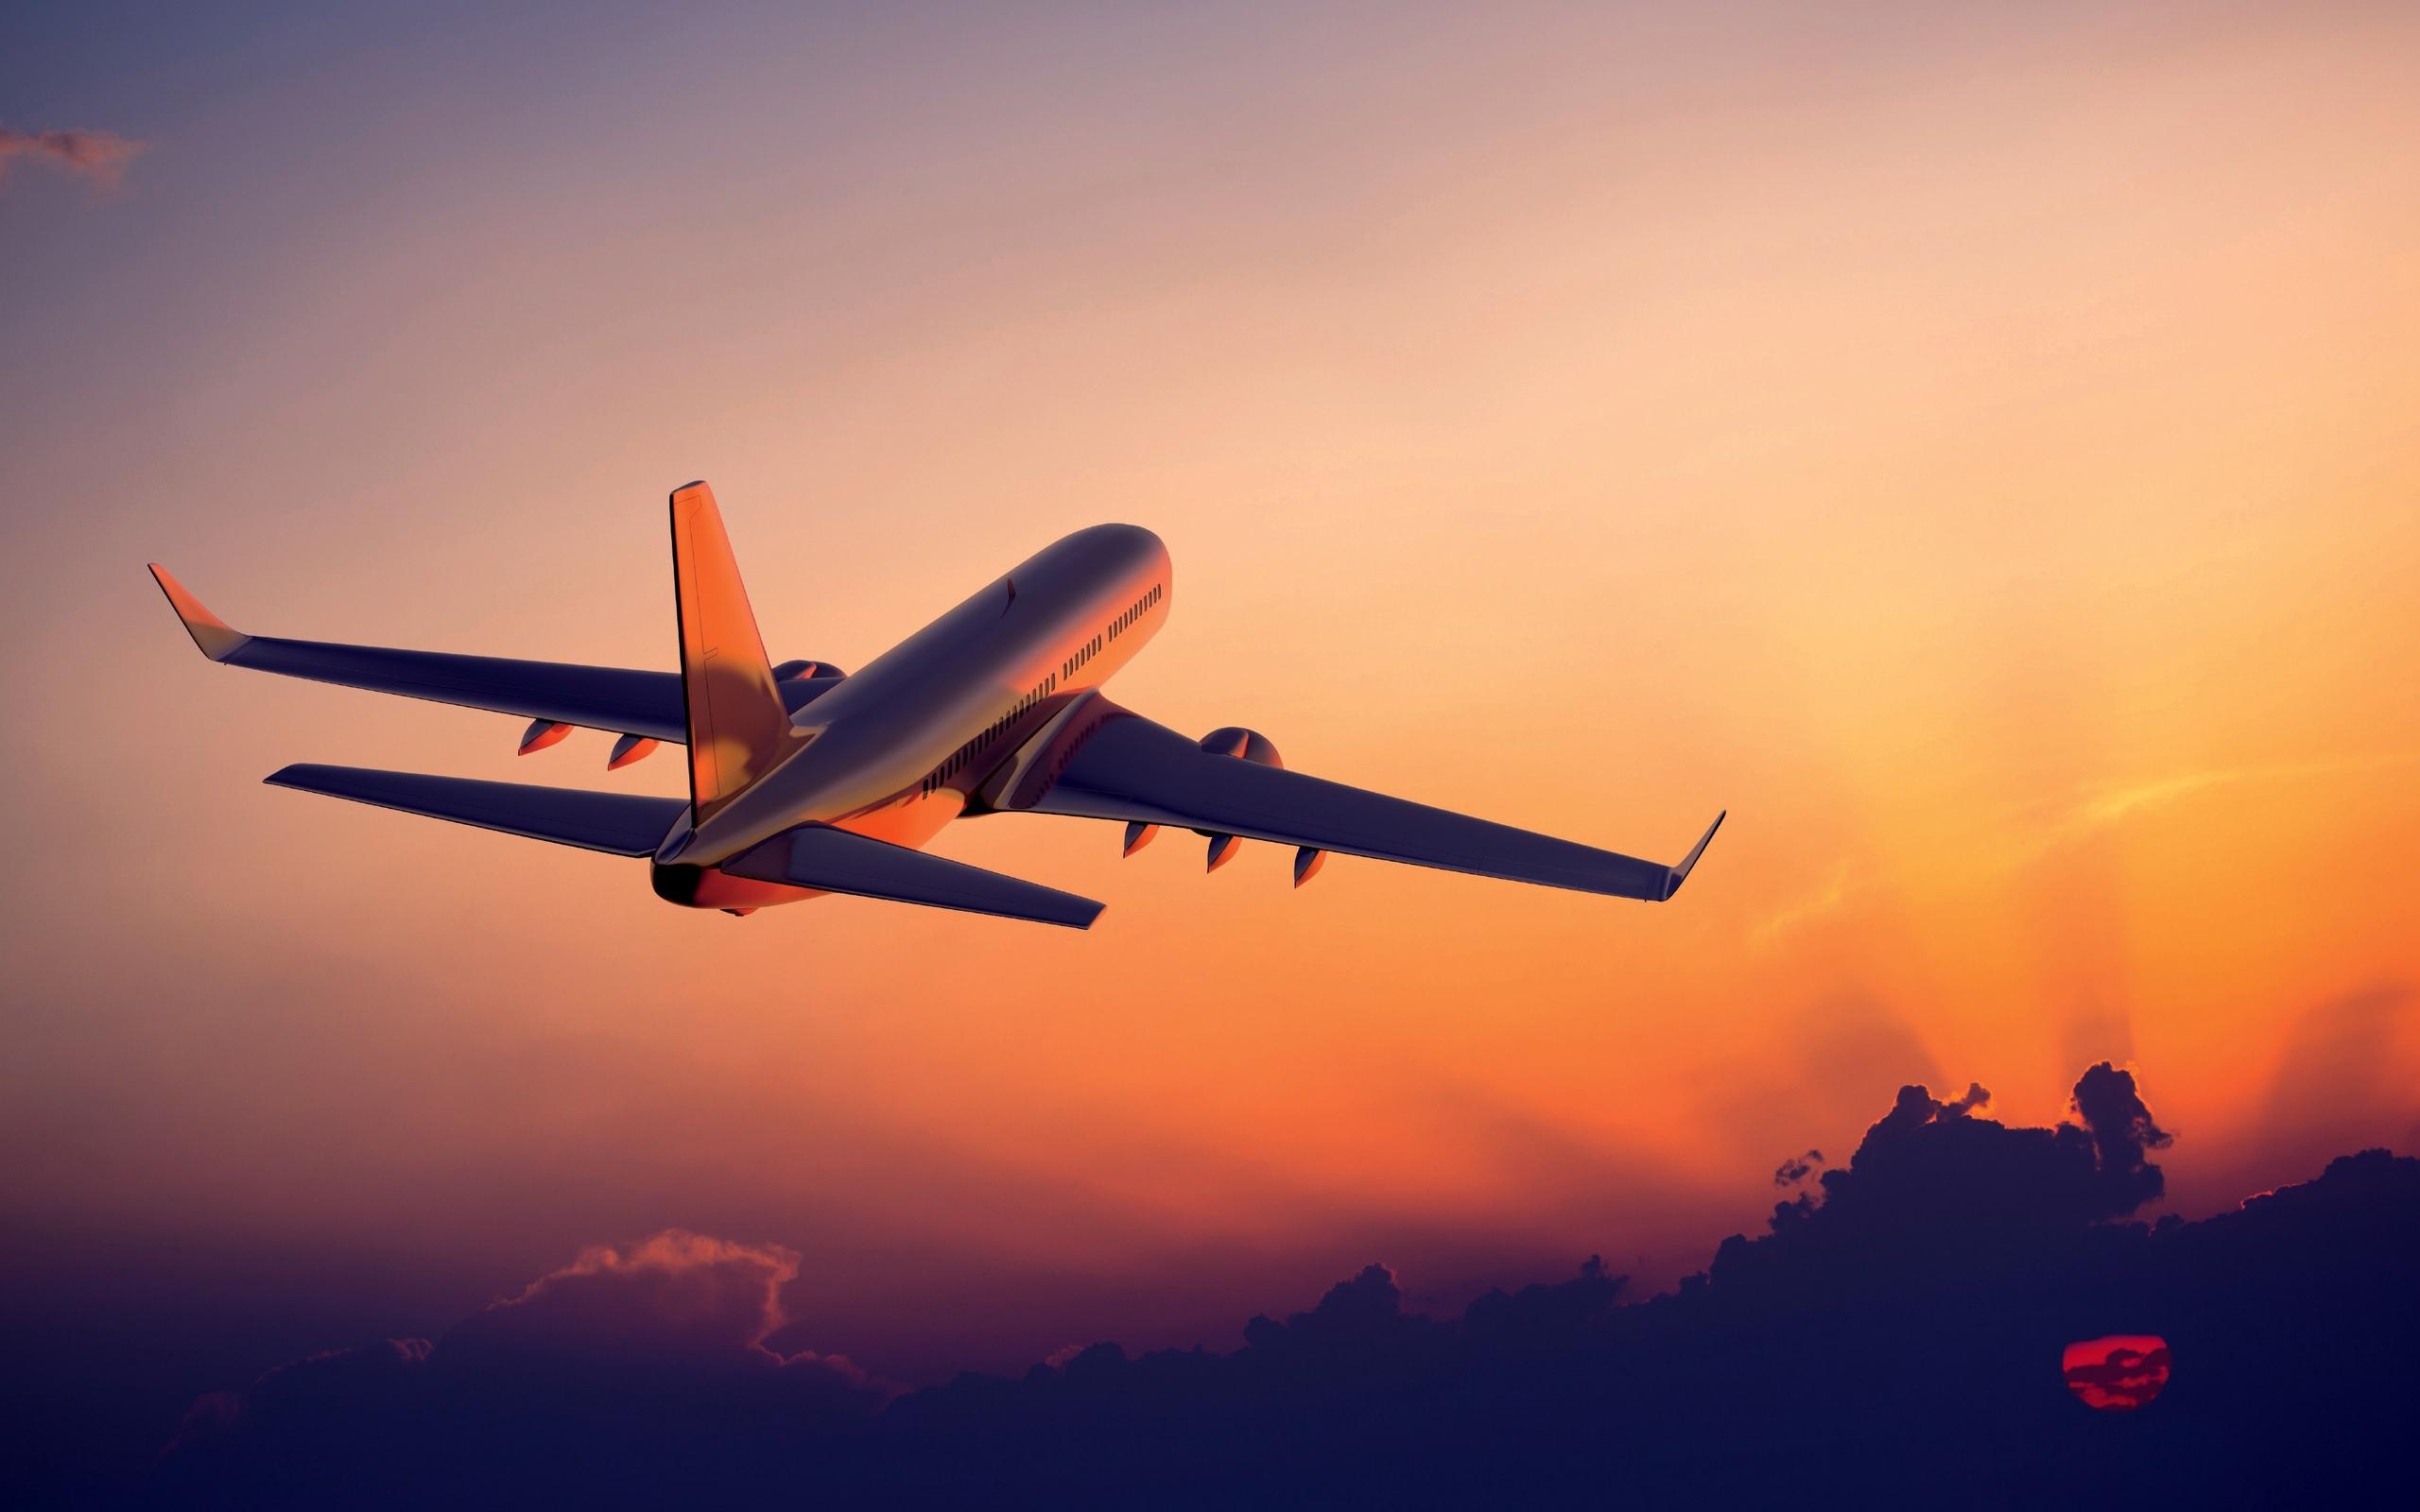 Воздушная навигация на характеристиках может заработать в ноябре